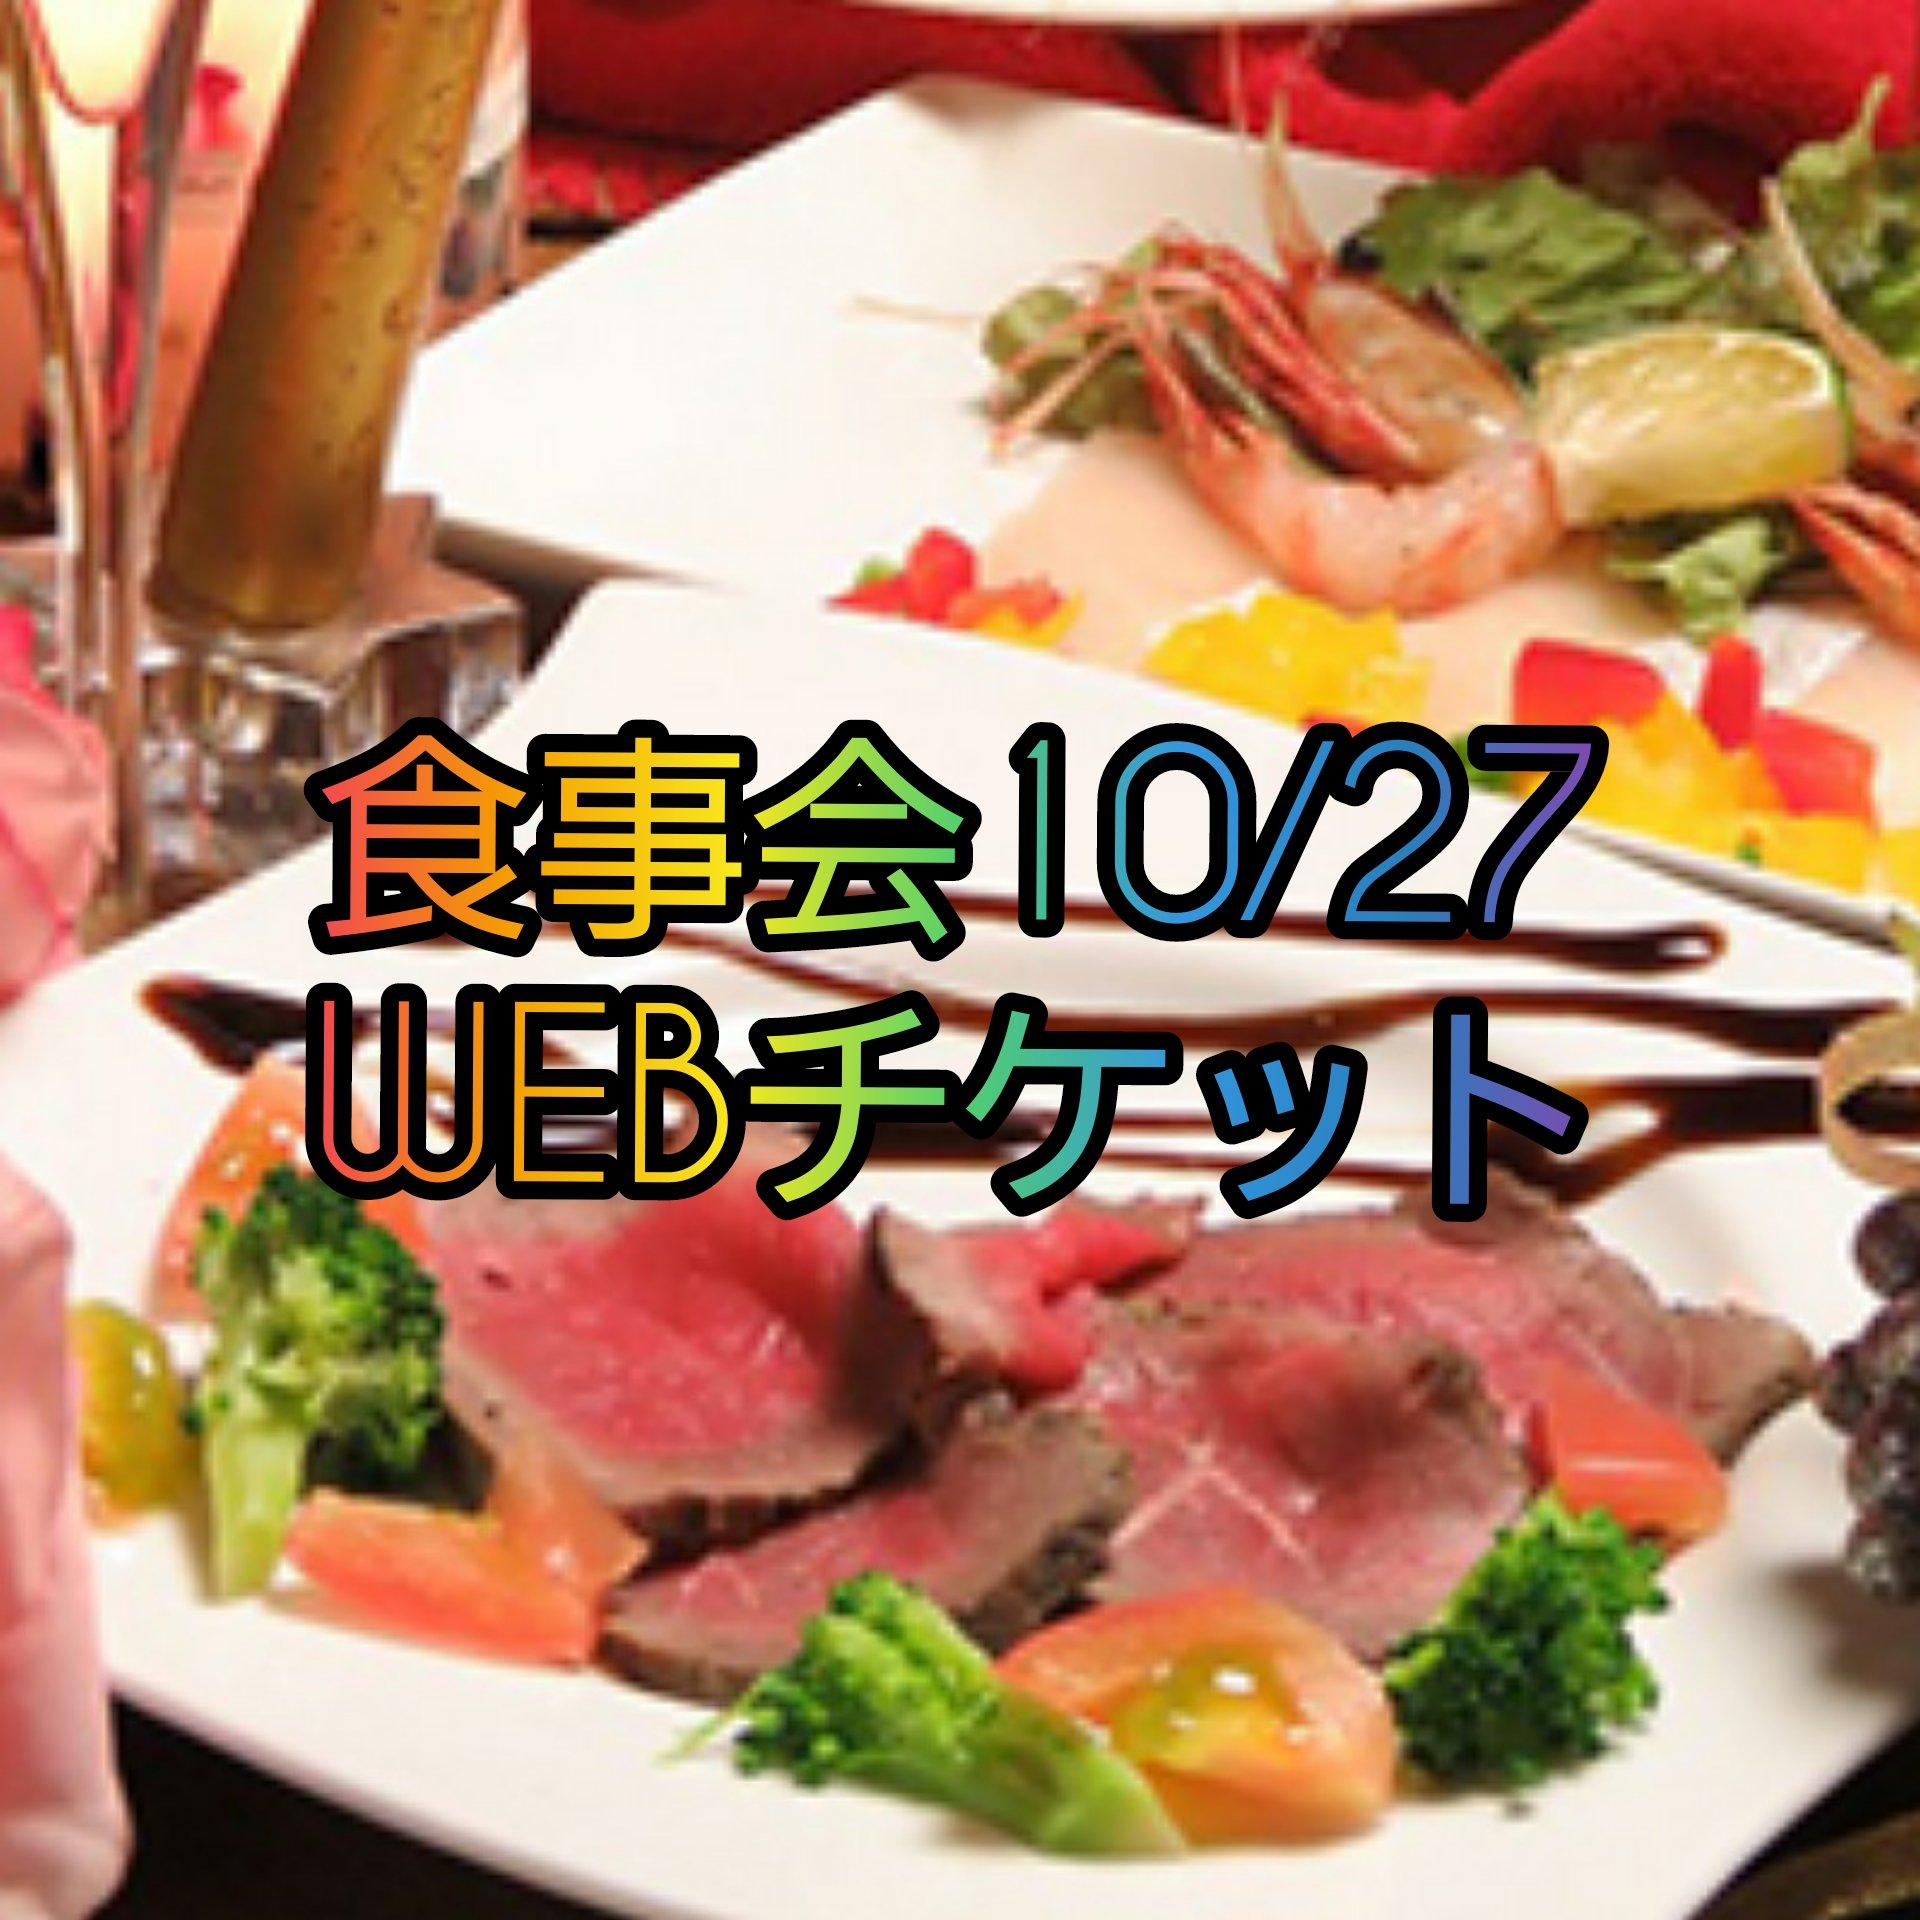 交流会チケット 10/27(火)のイメージその1